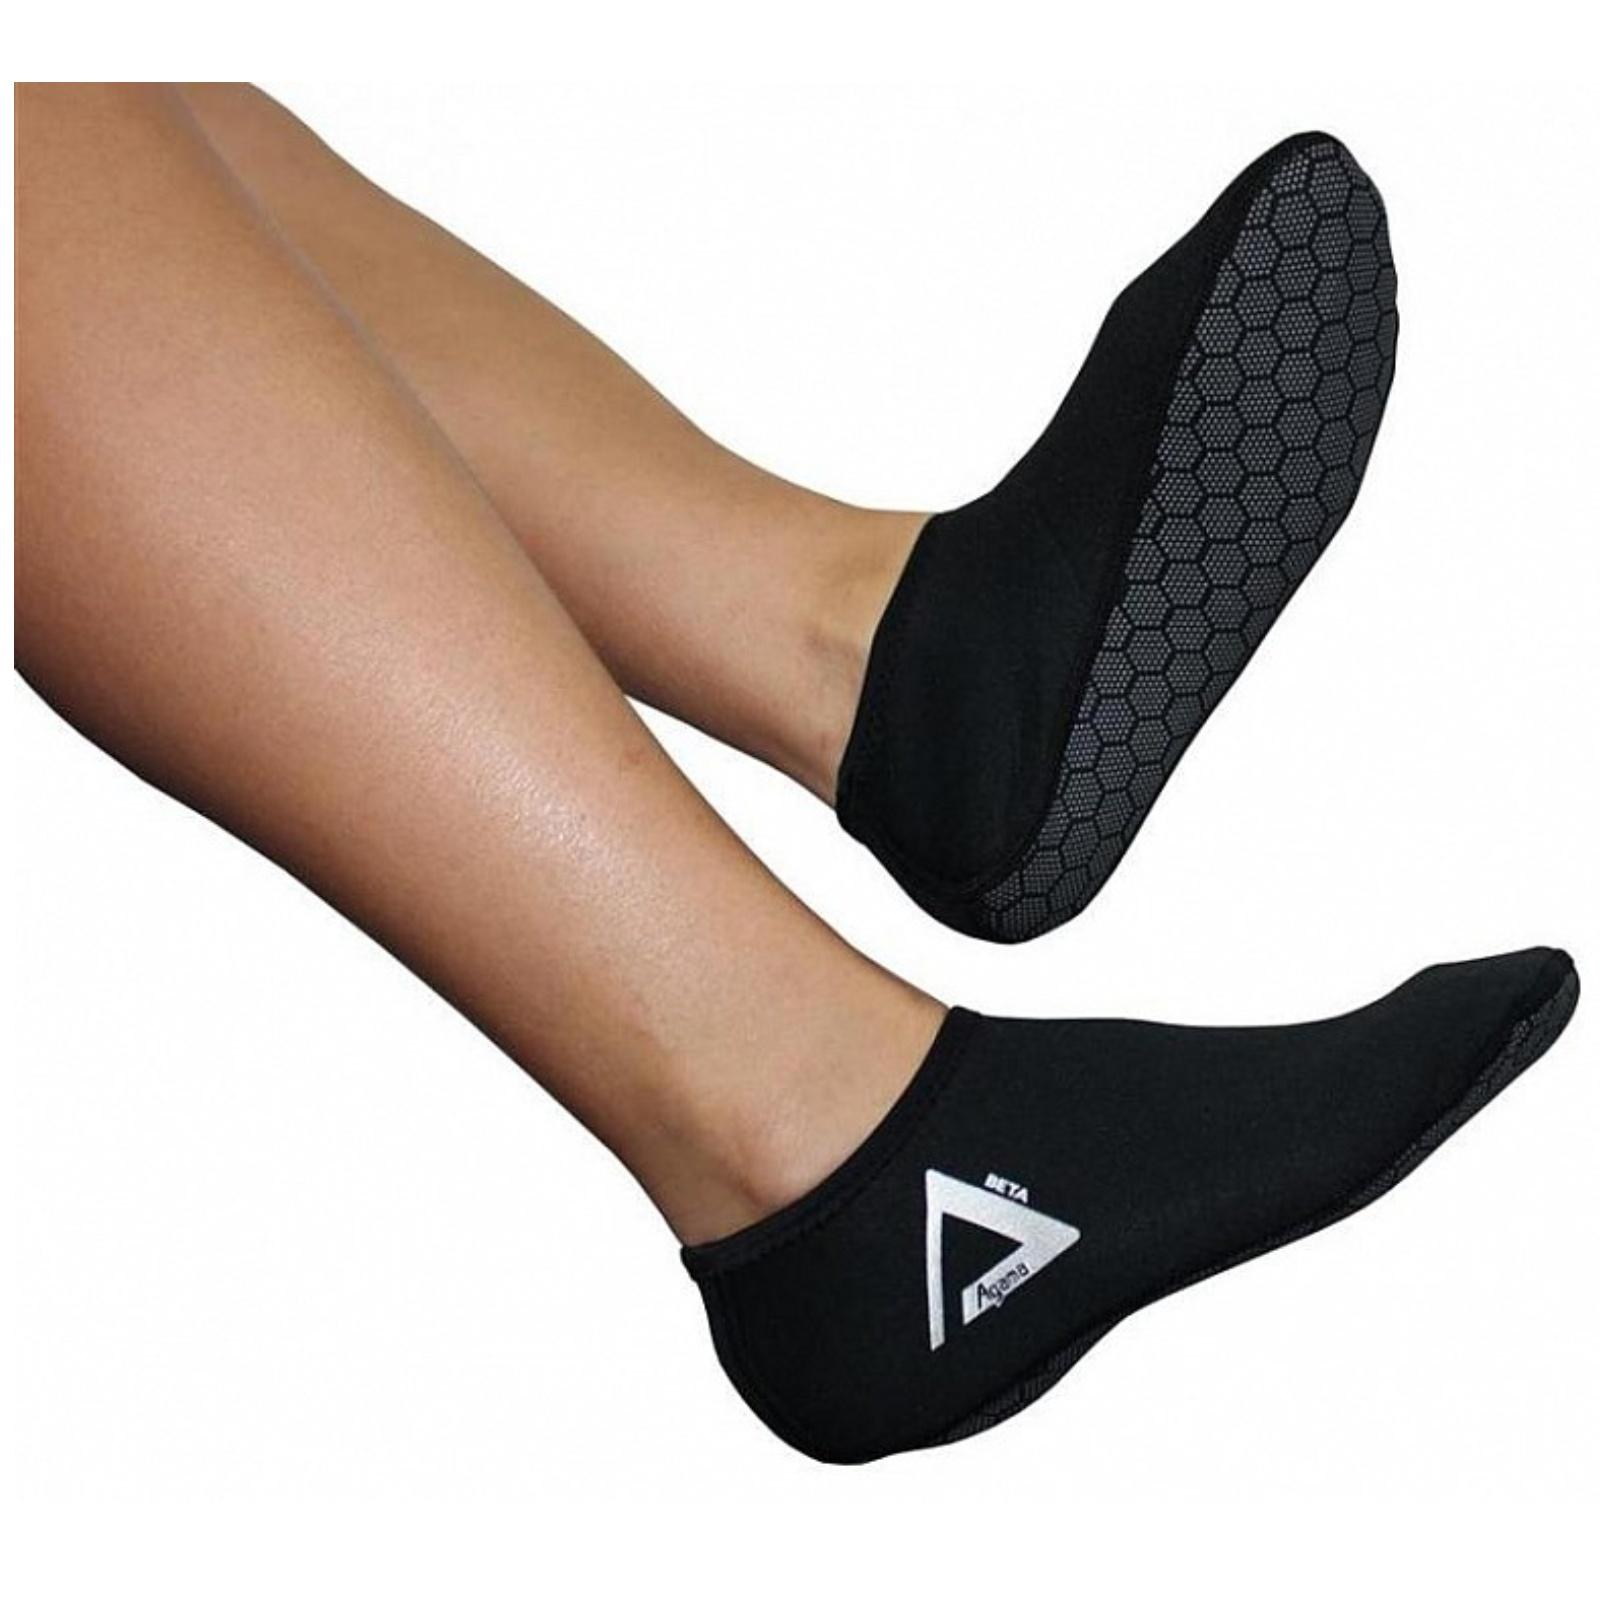 Neoprenové ponožky AGAMA Beta 1,5 mm - vel. 44-45